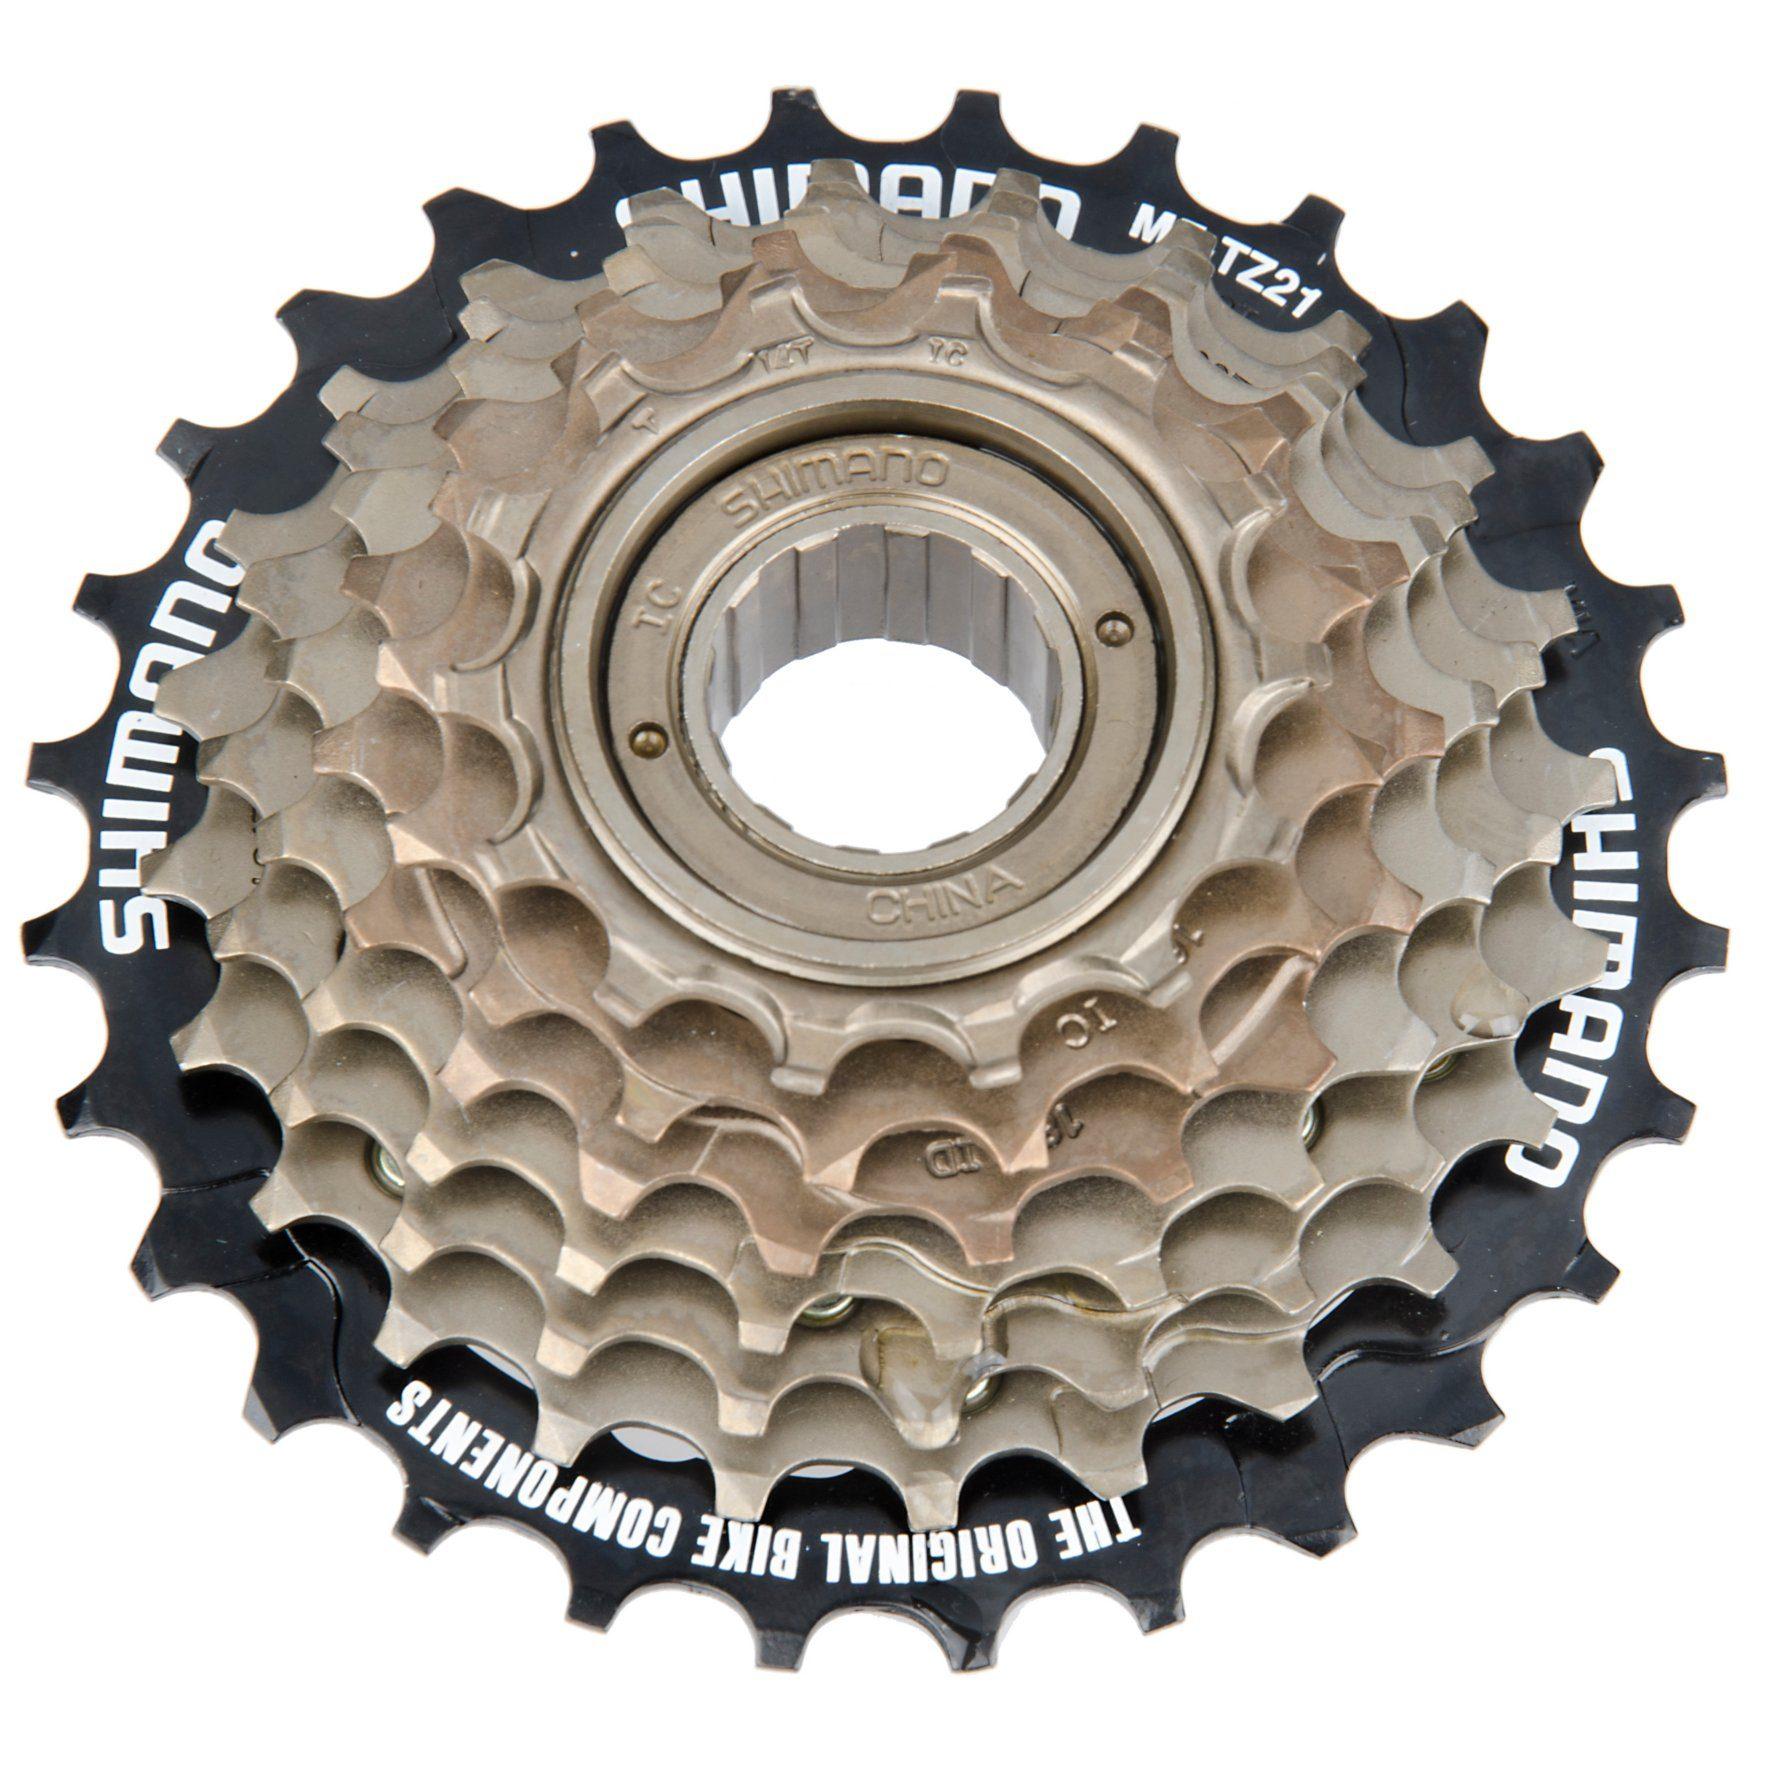 Shimano Fahrradkasetten »Tourney MF-TZ21 Schraubkranz 7-fach 14-28 Zähne«